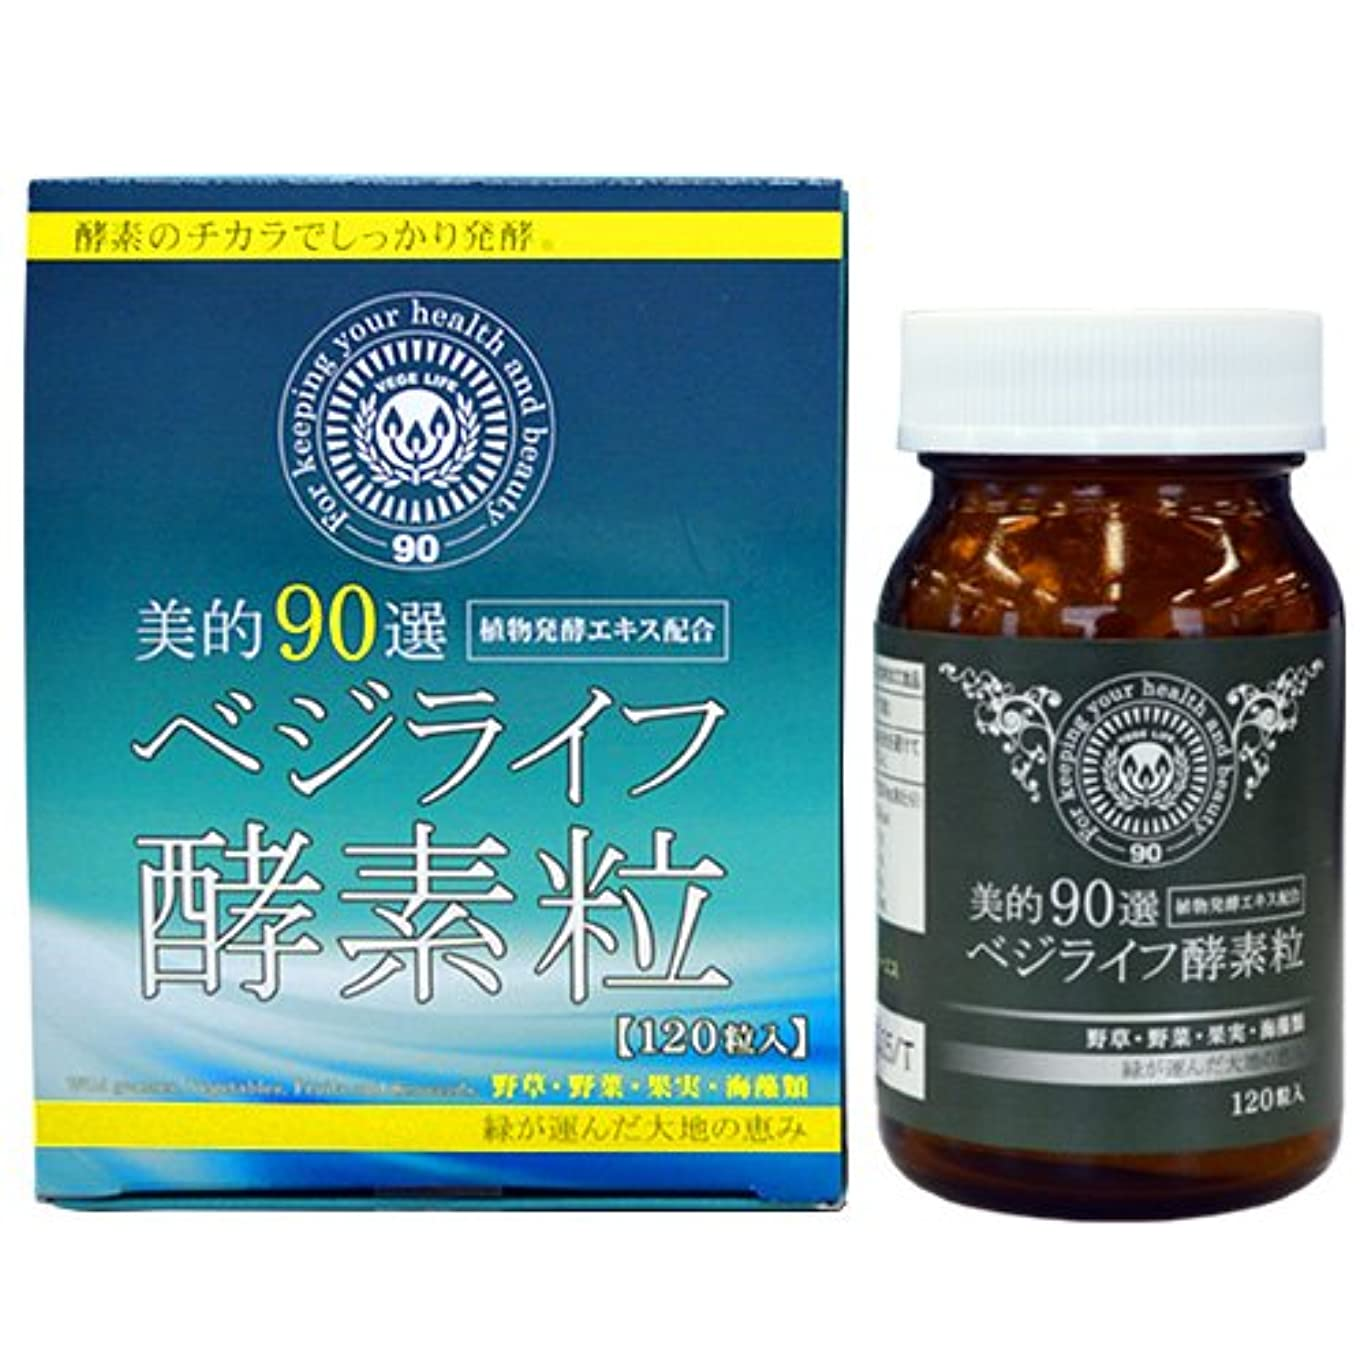 世界巨大なカイウス植物発酵エキス配合 美的90選ベジライフ酵素粒(120粒入り)